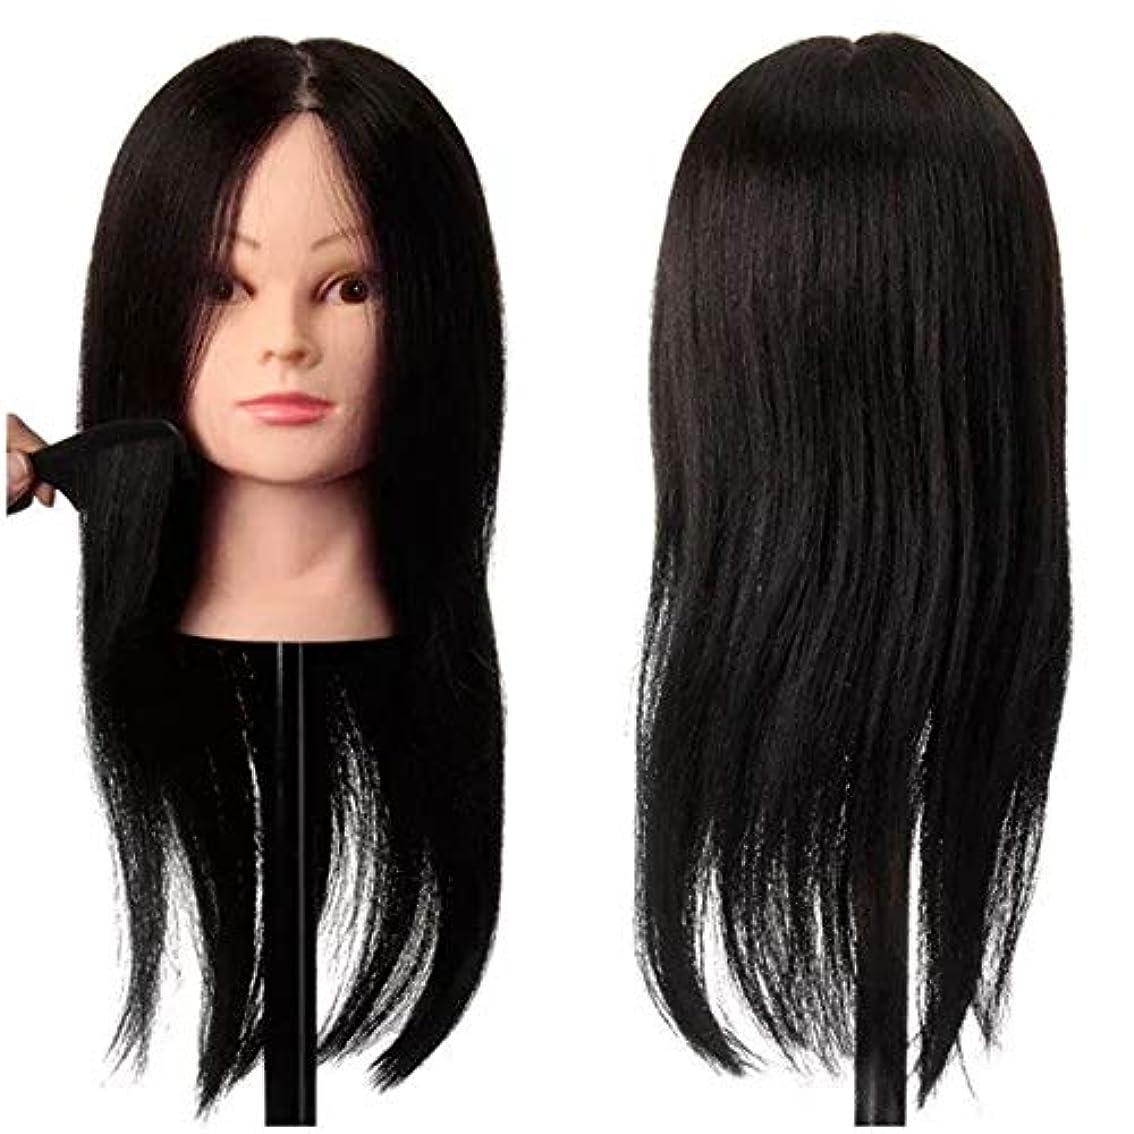 動かすスキャンダル良いウイッグ マネキンヘッド クランプホルダを切断100%黒の練習マネキン本物の人間の髪の毛のトレーニング頭理髪 練習用 (色 : ブラック, サイズ : 25*16*12cm)